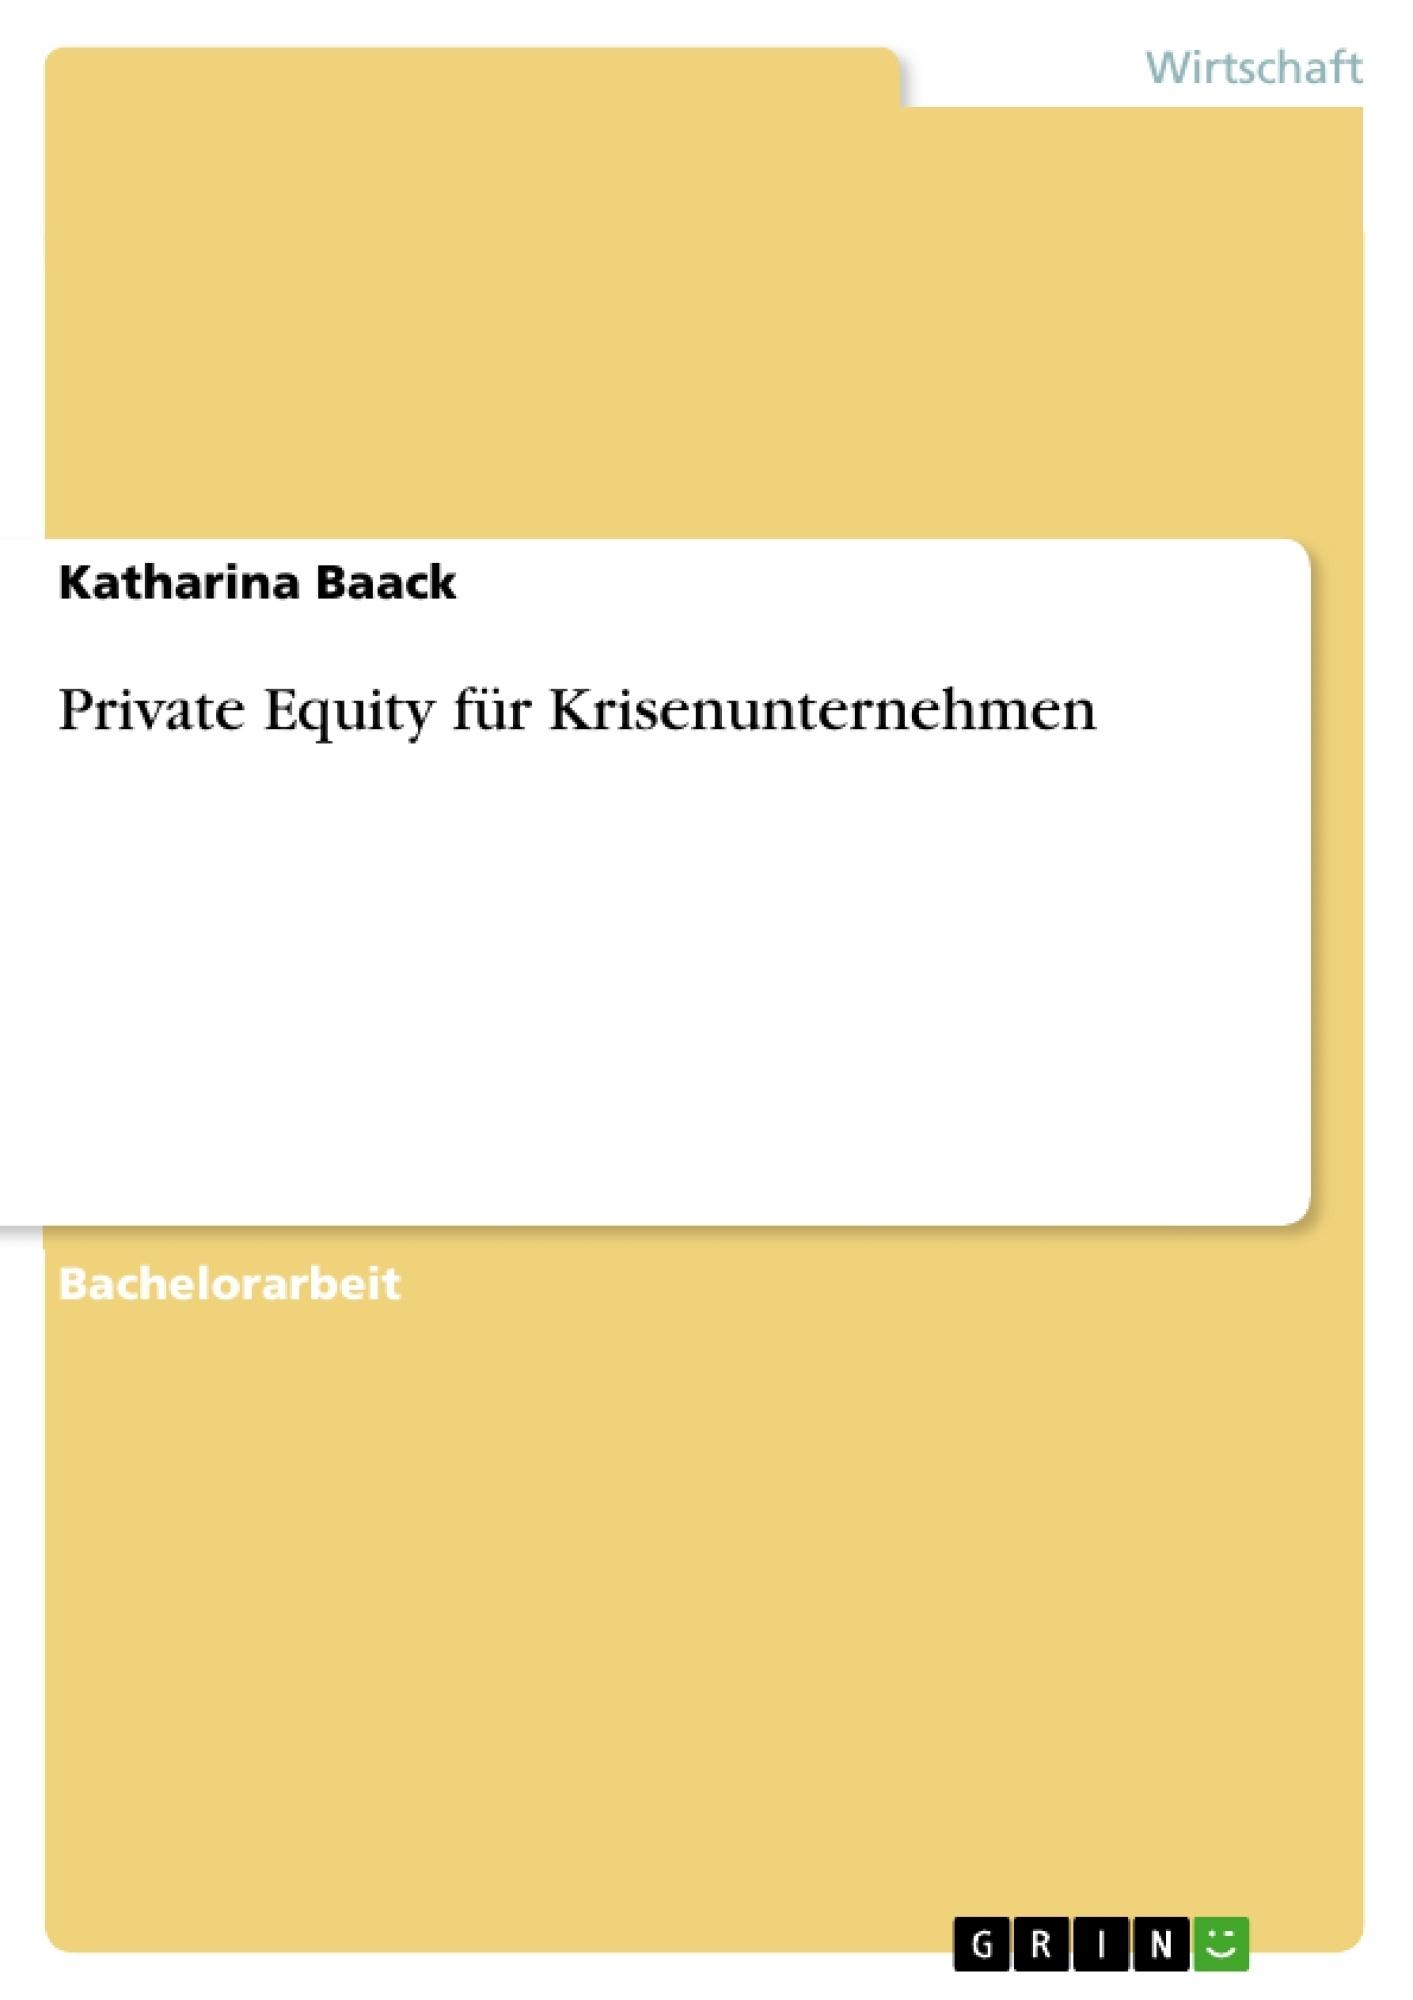 Titel: Private Equity für Krisenunternehmen